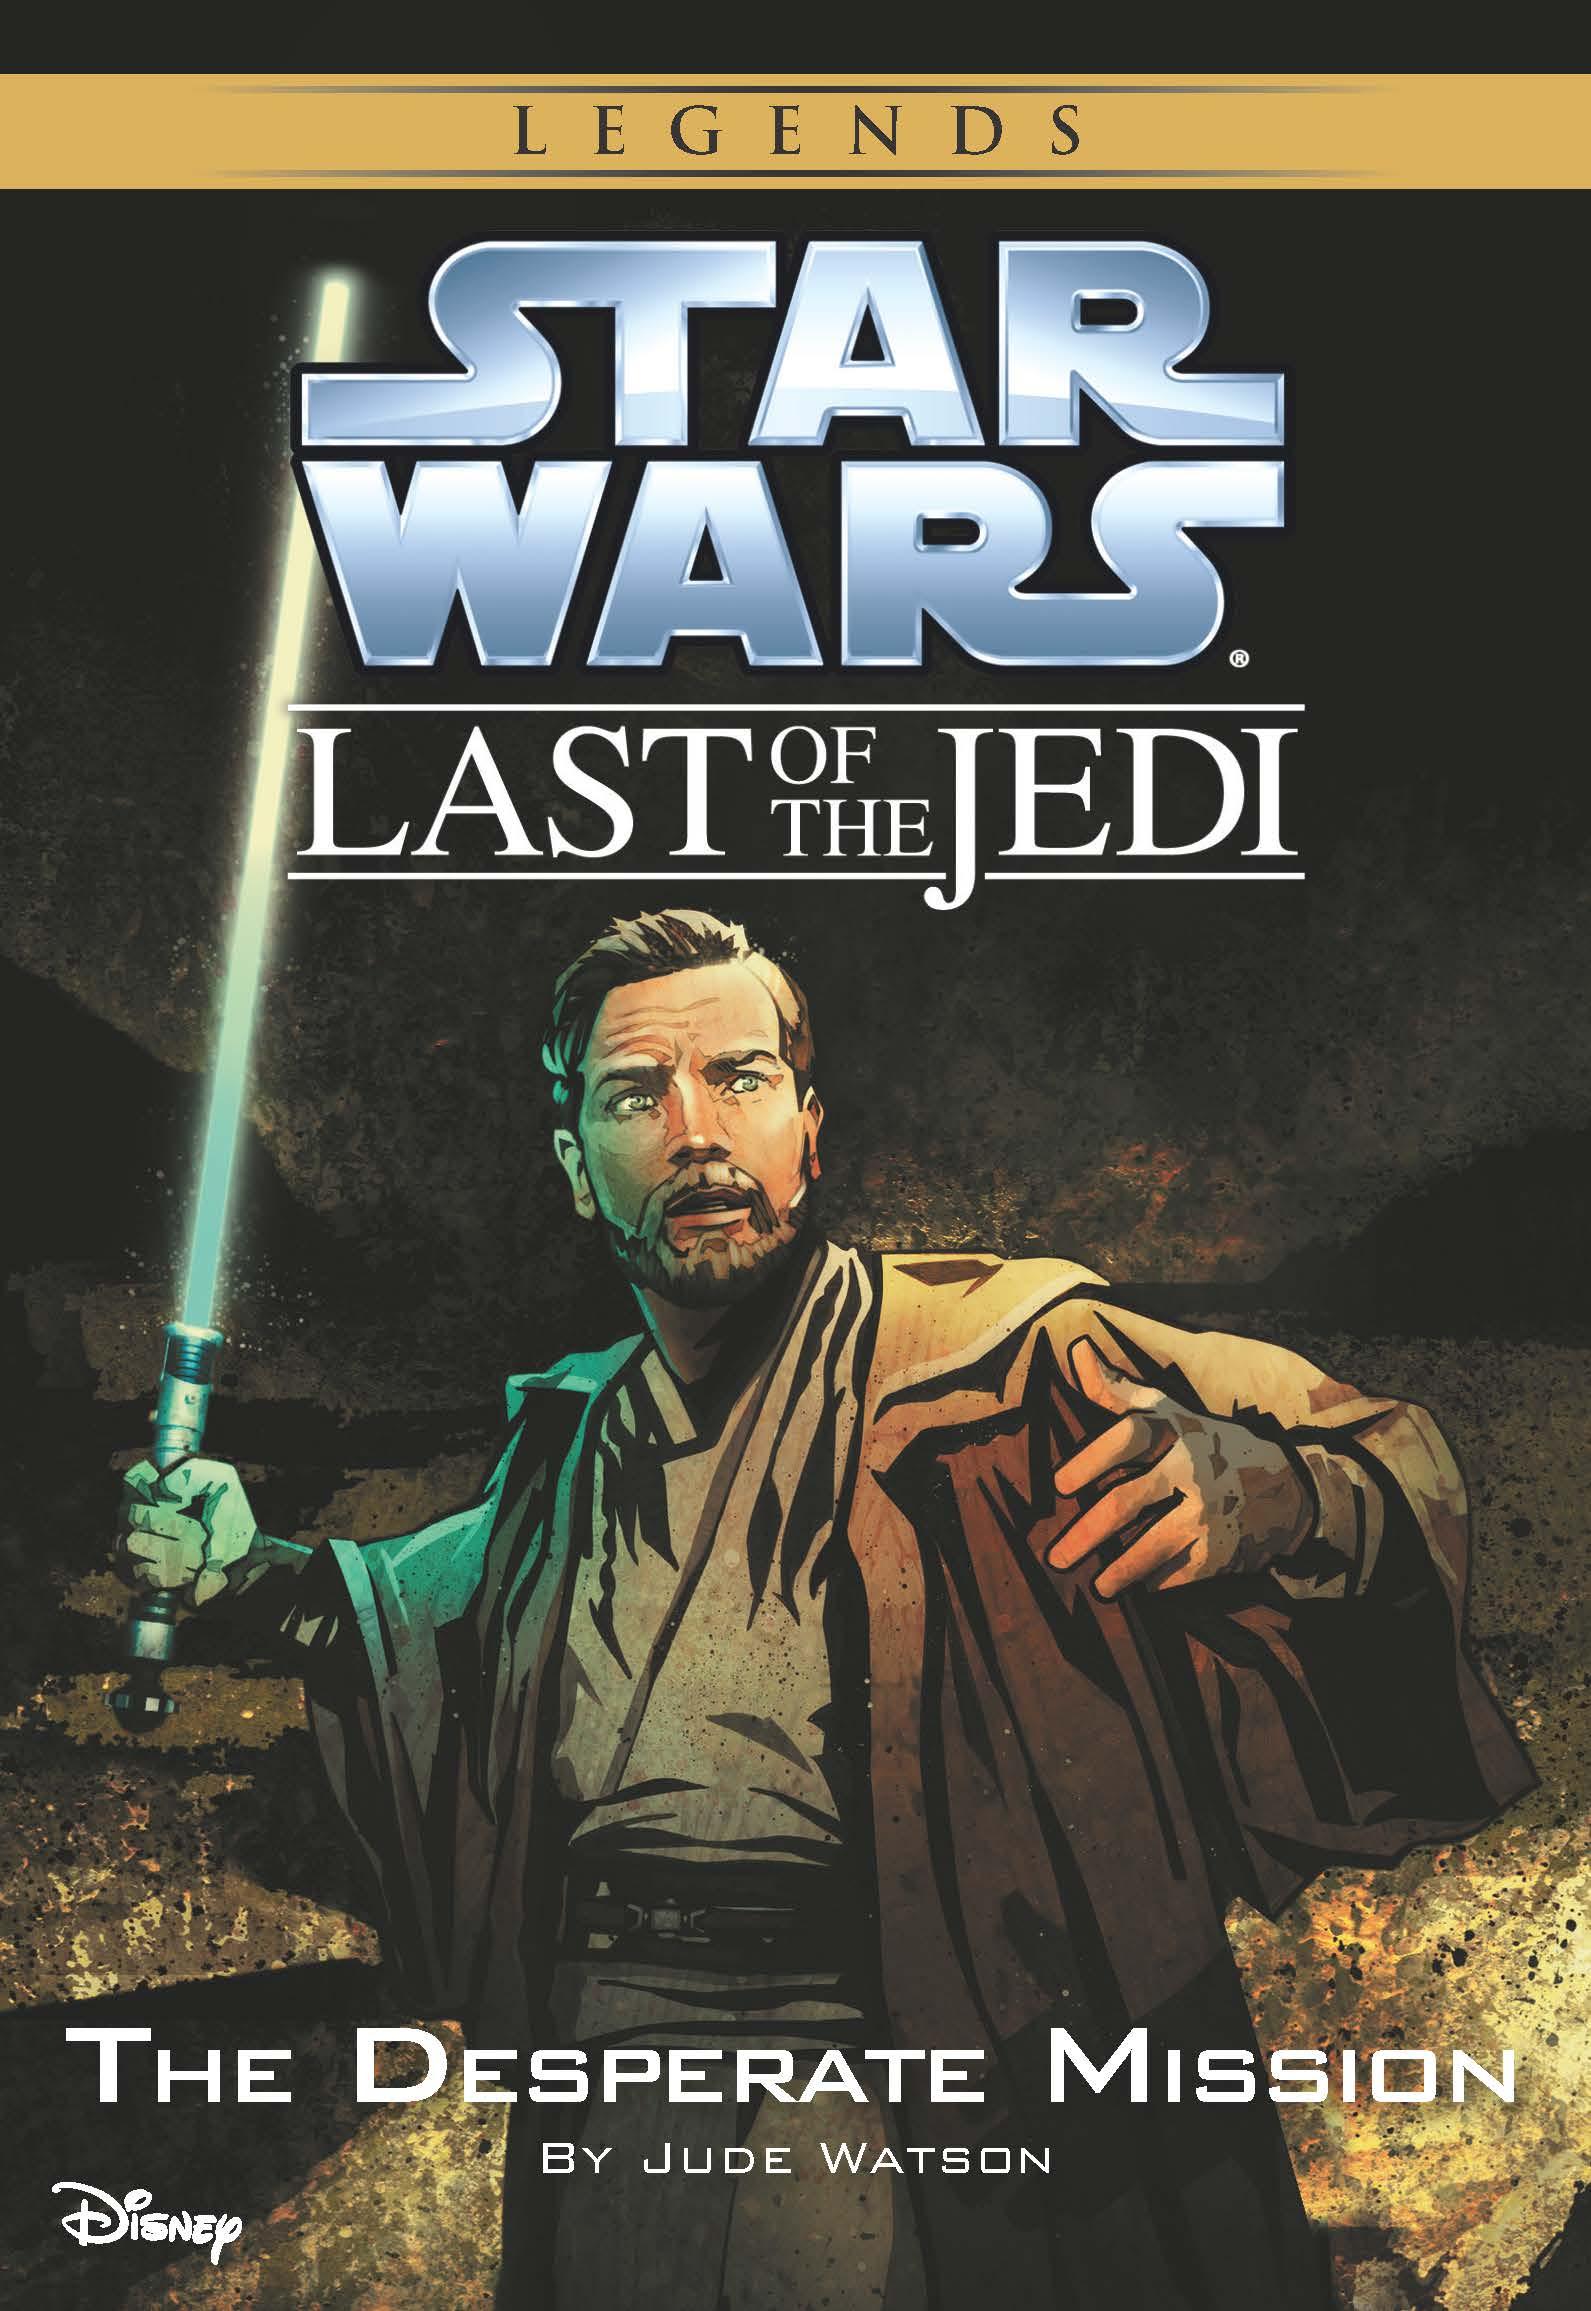 Star Wars: The Last Jedi. by: Jude Watson